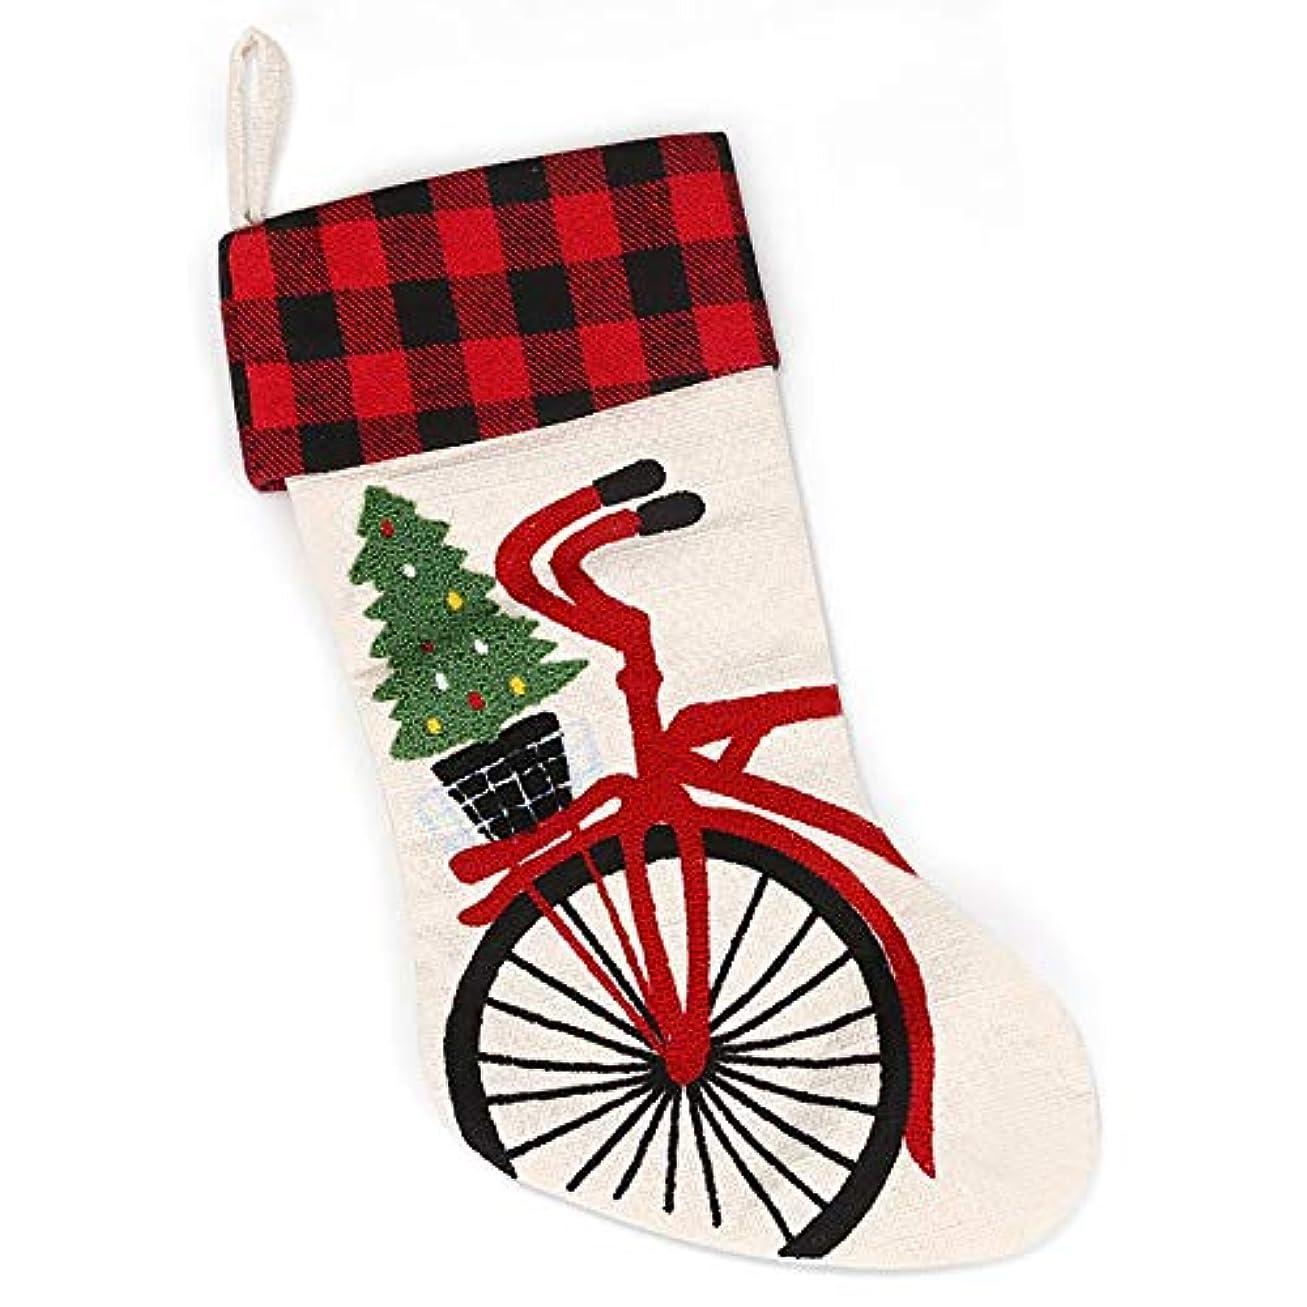 治安判事その間海賊クリスマスソックスクリスマスツリーの装飾フェスティバルキャンディギフトバッグストッキングS1003